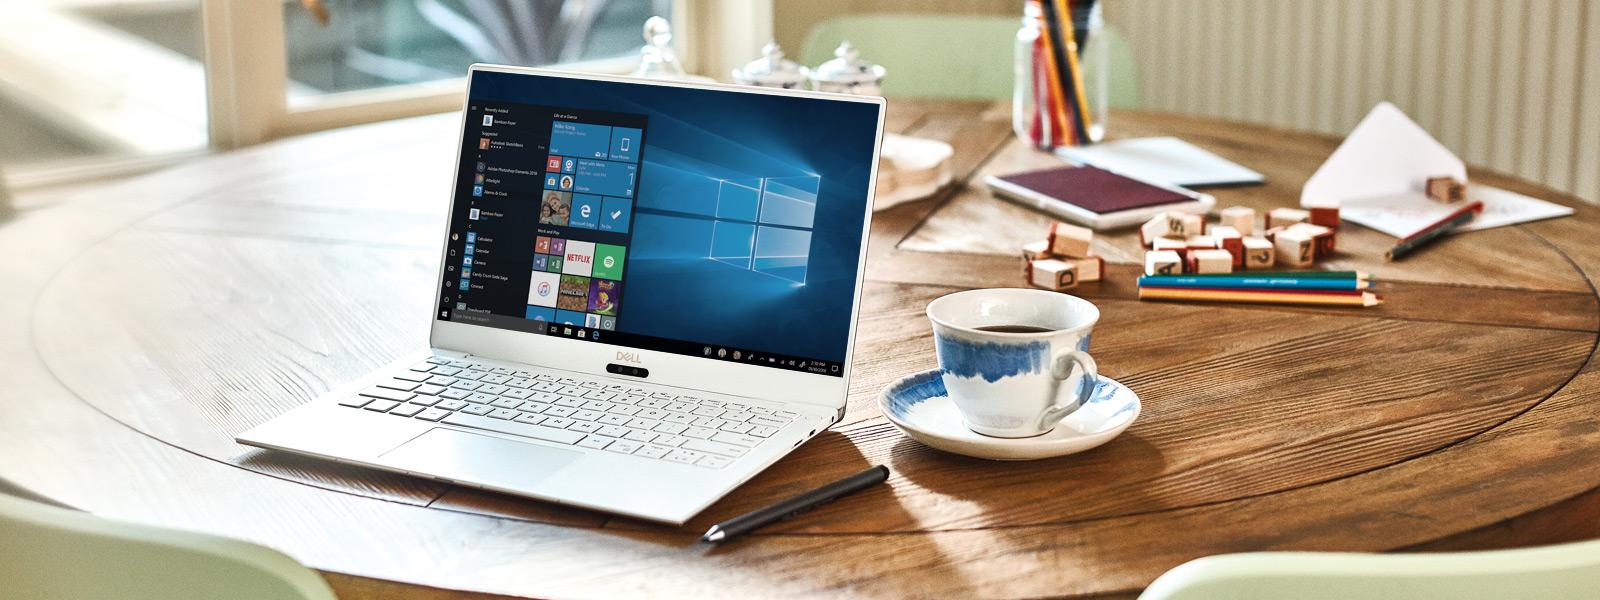 Ноутбук Dell XPS 13 9370 стоїть відкритим на столі, на ньому відображається стартовий екран Windows 10.